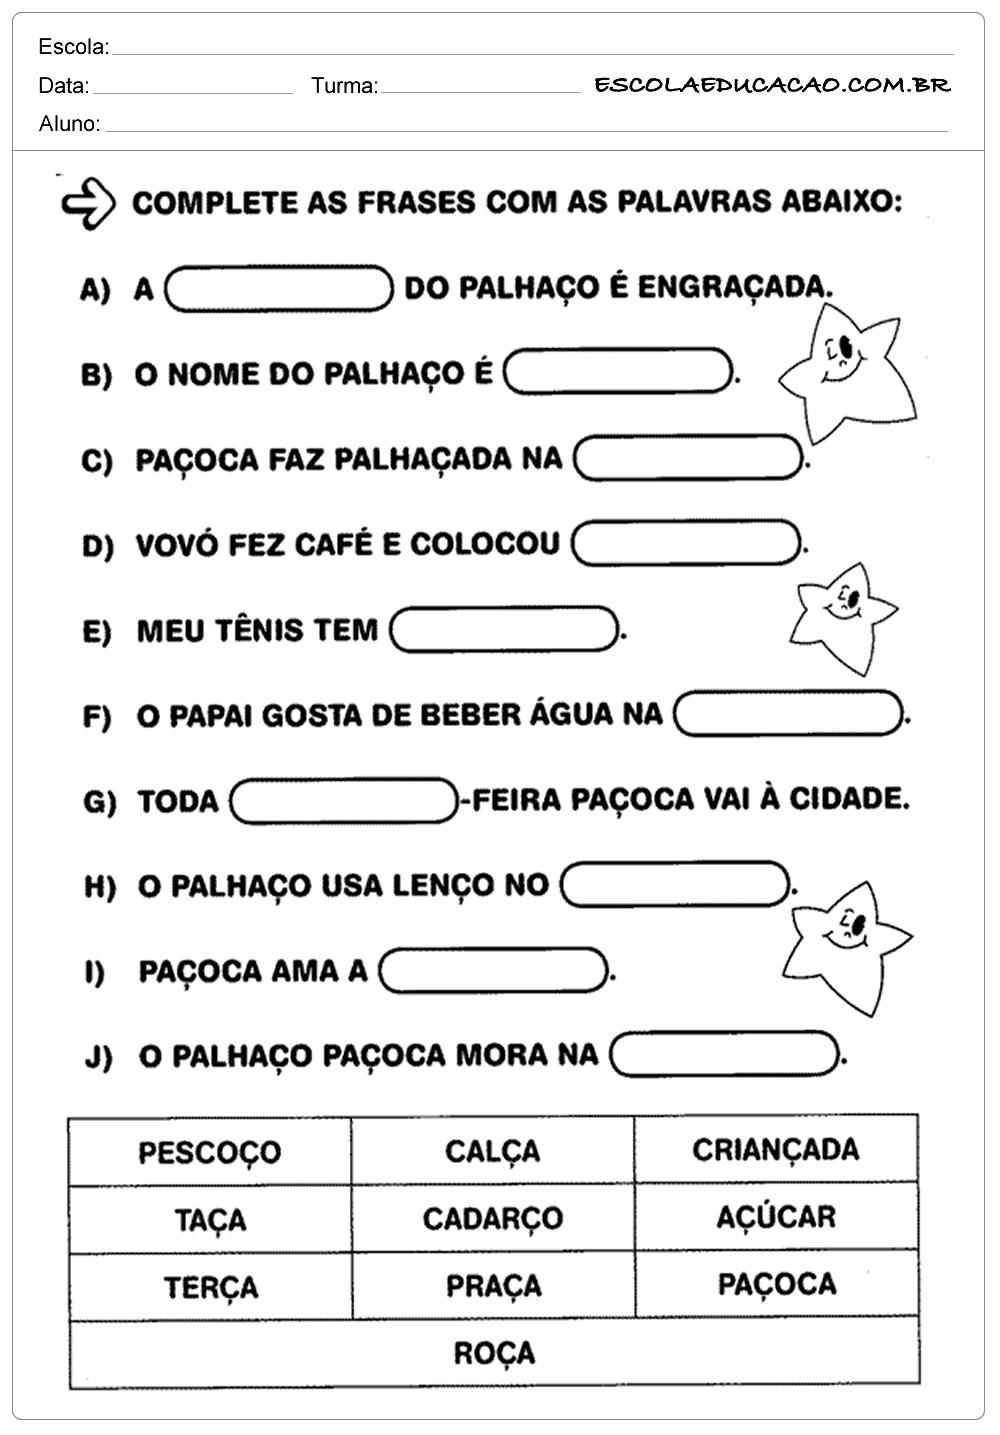 Atividades de Português 1º ano – Complete as frases